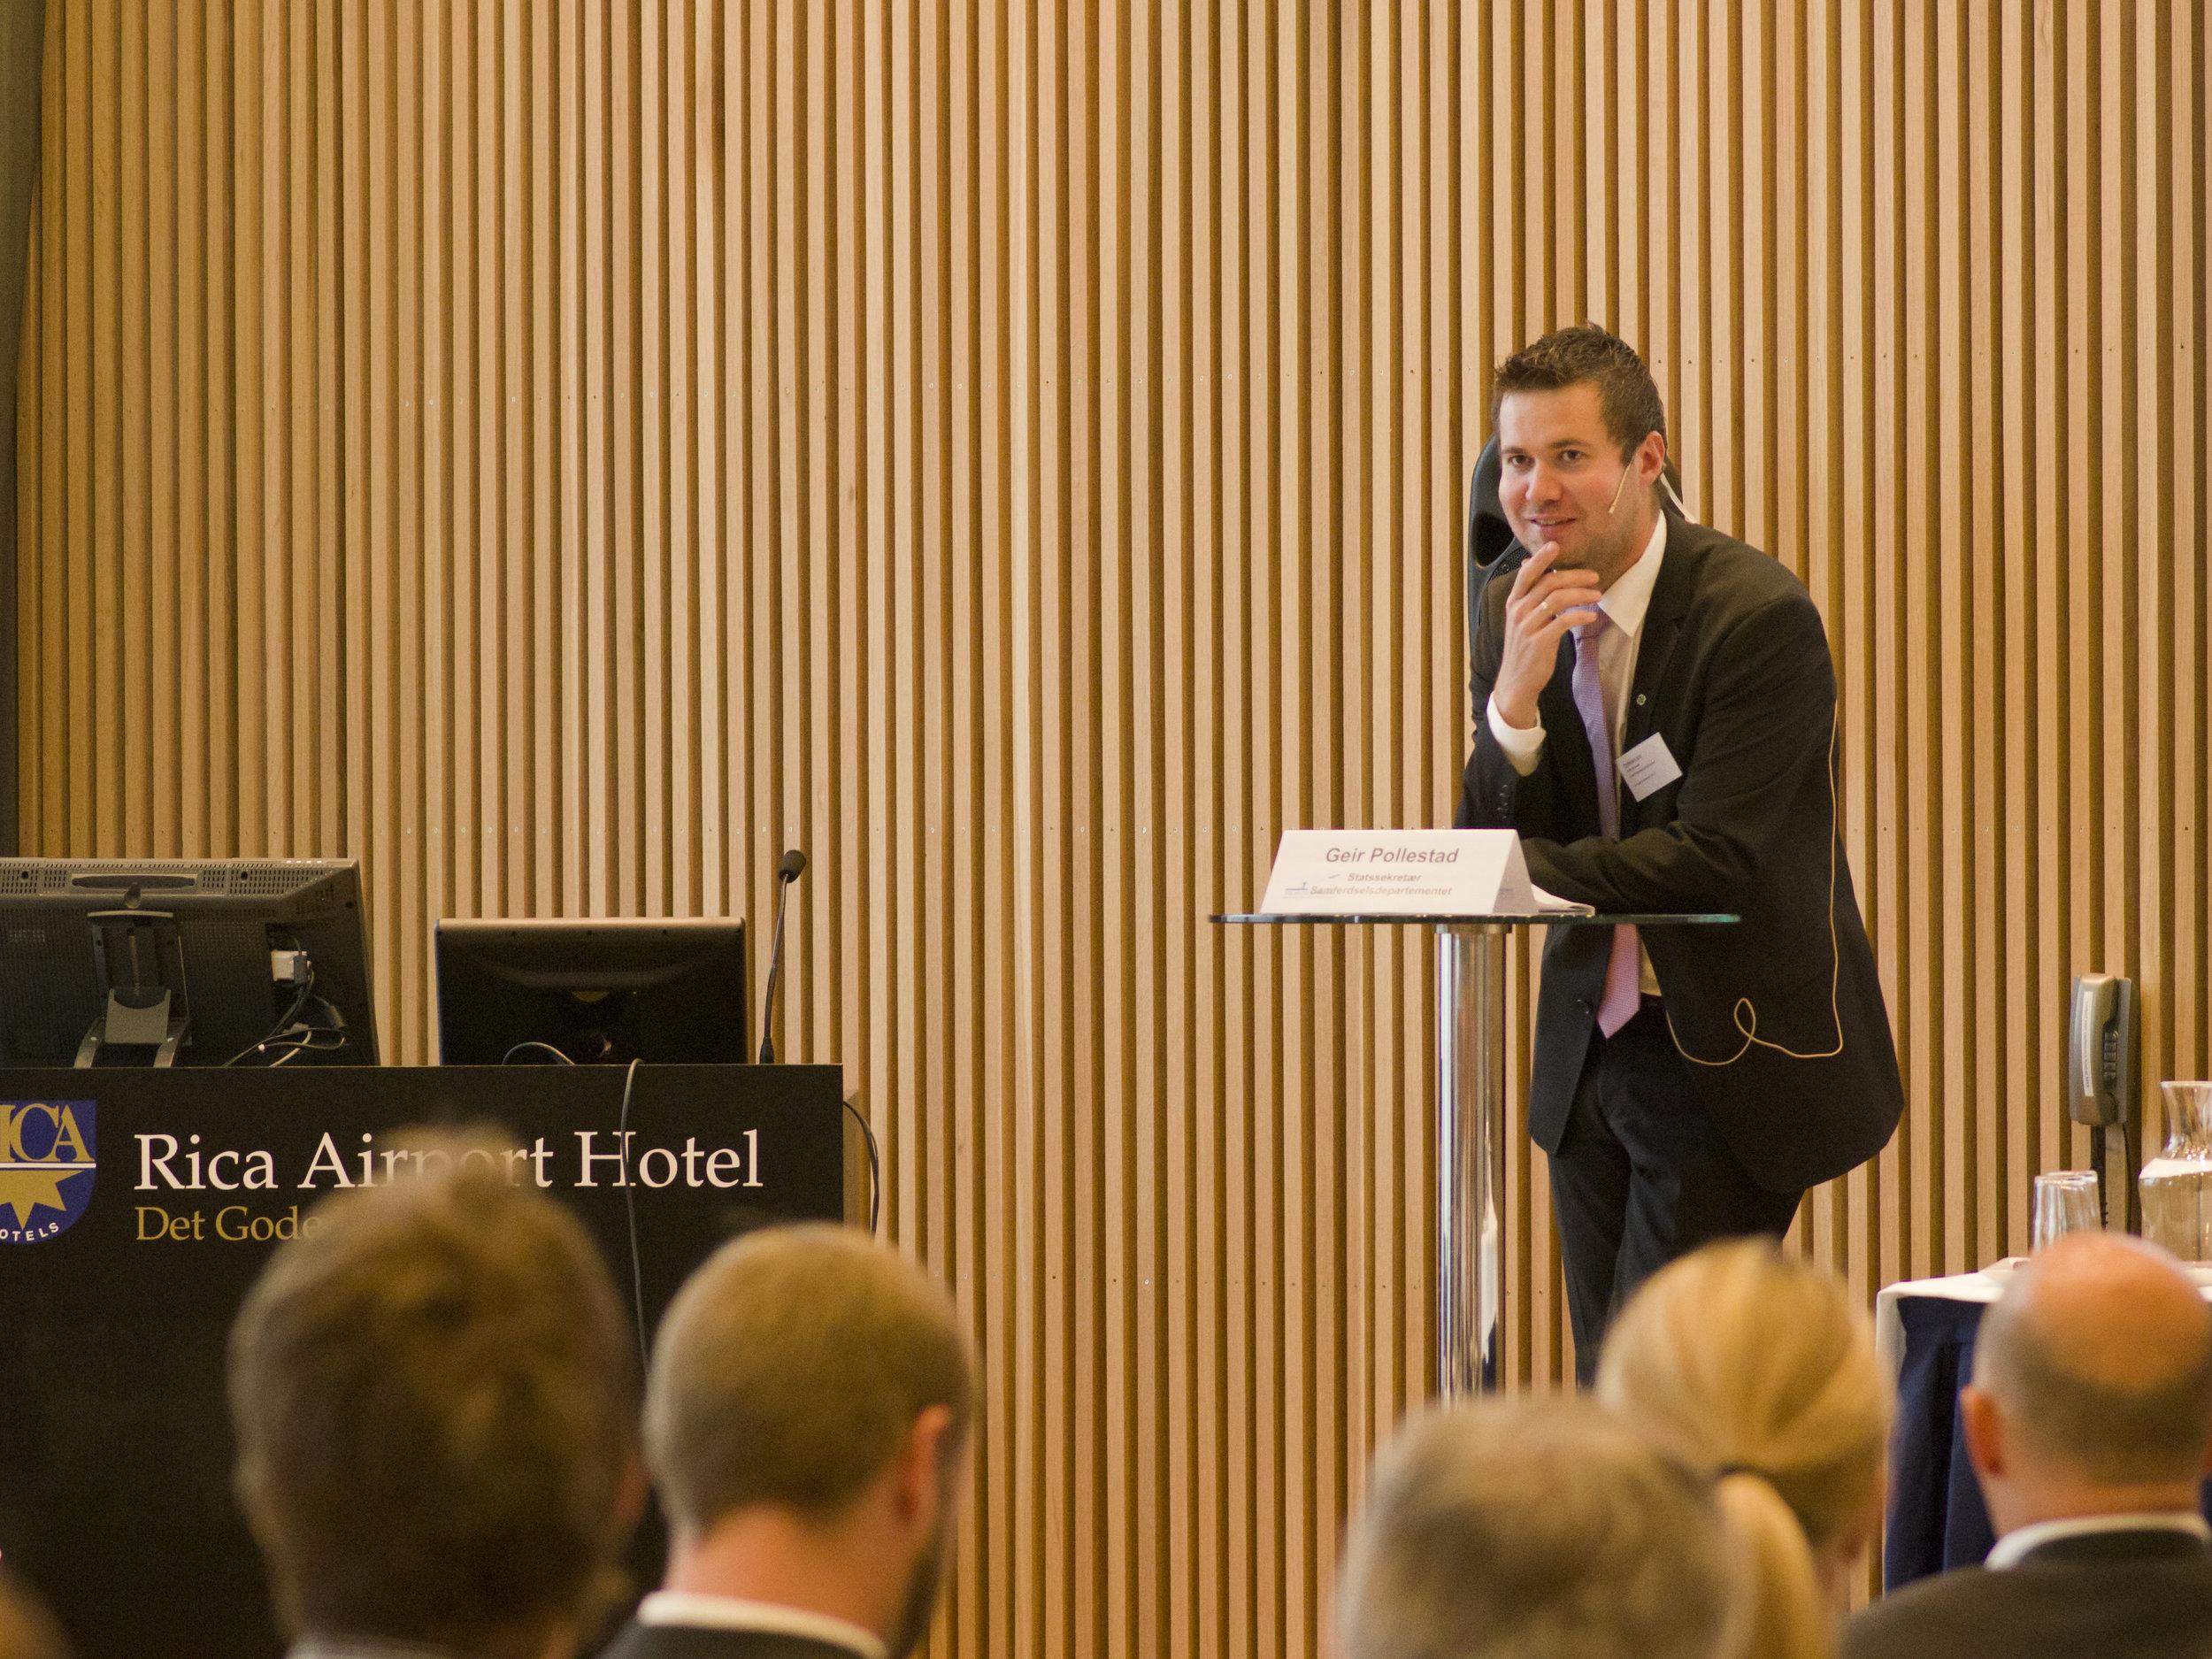 Statssekretær Geir Pollestad (3).JPG